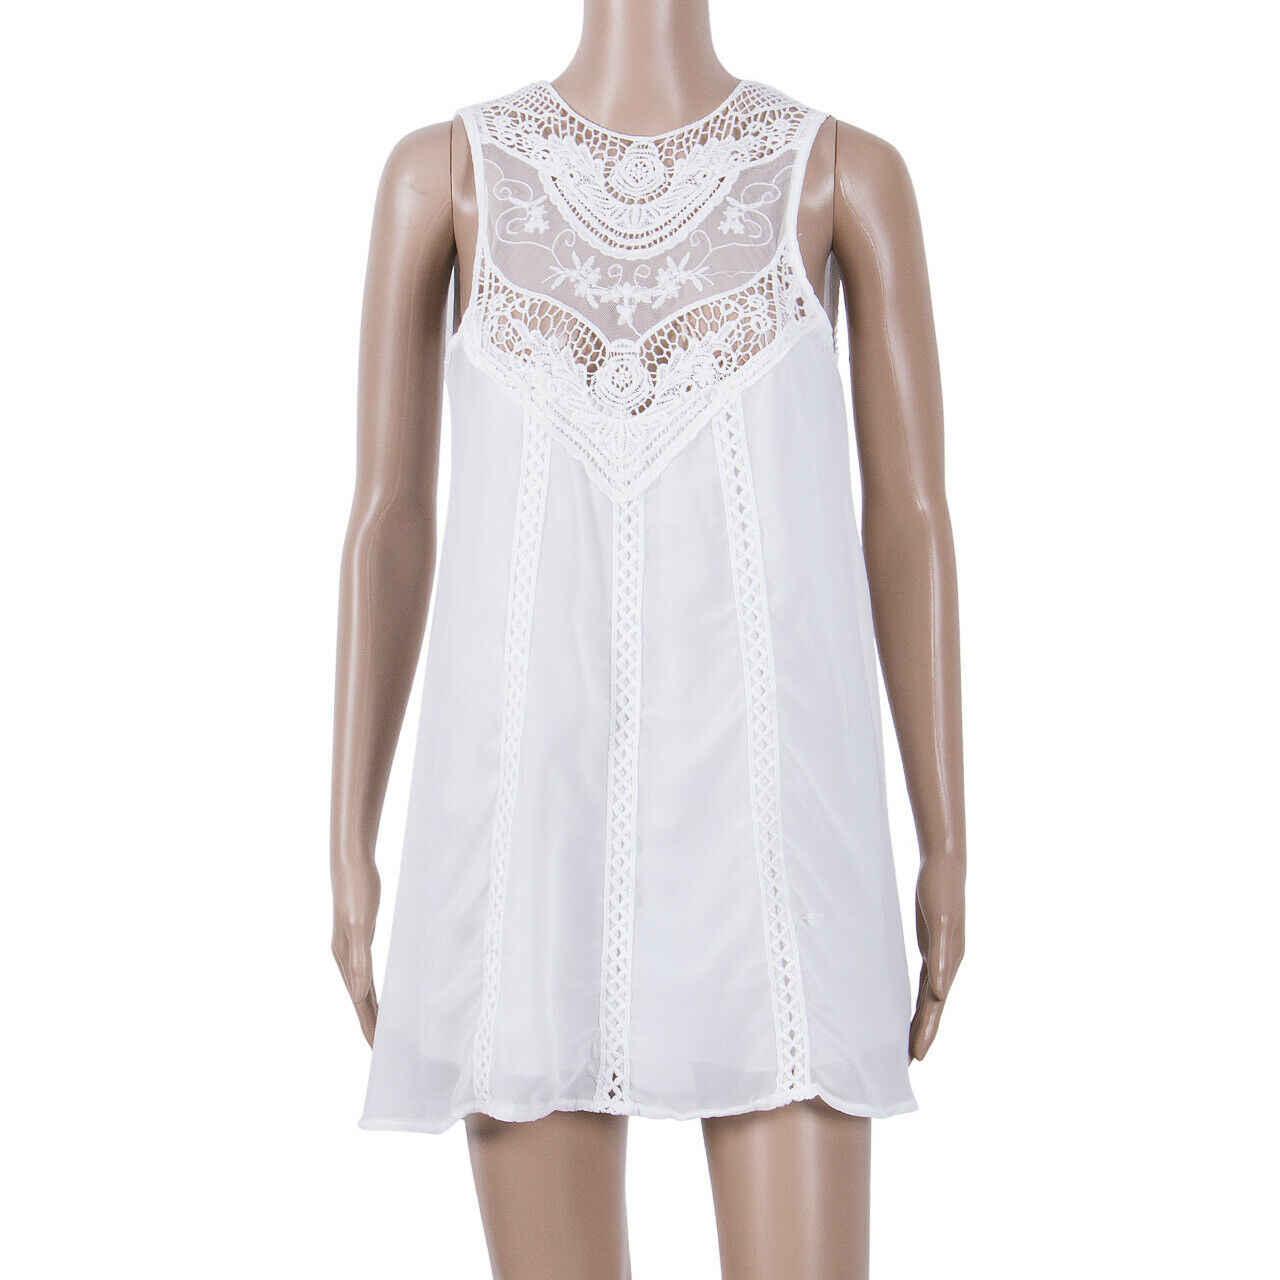 Femmes dame été Boho imprimé décontracté lâche Slim robe courte dentelle blanche sans manches robe de soleil